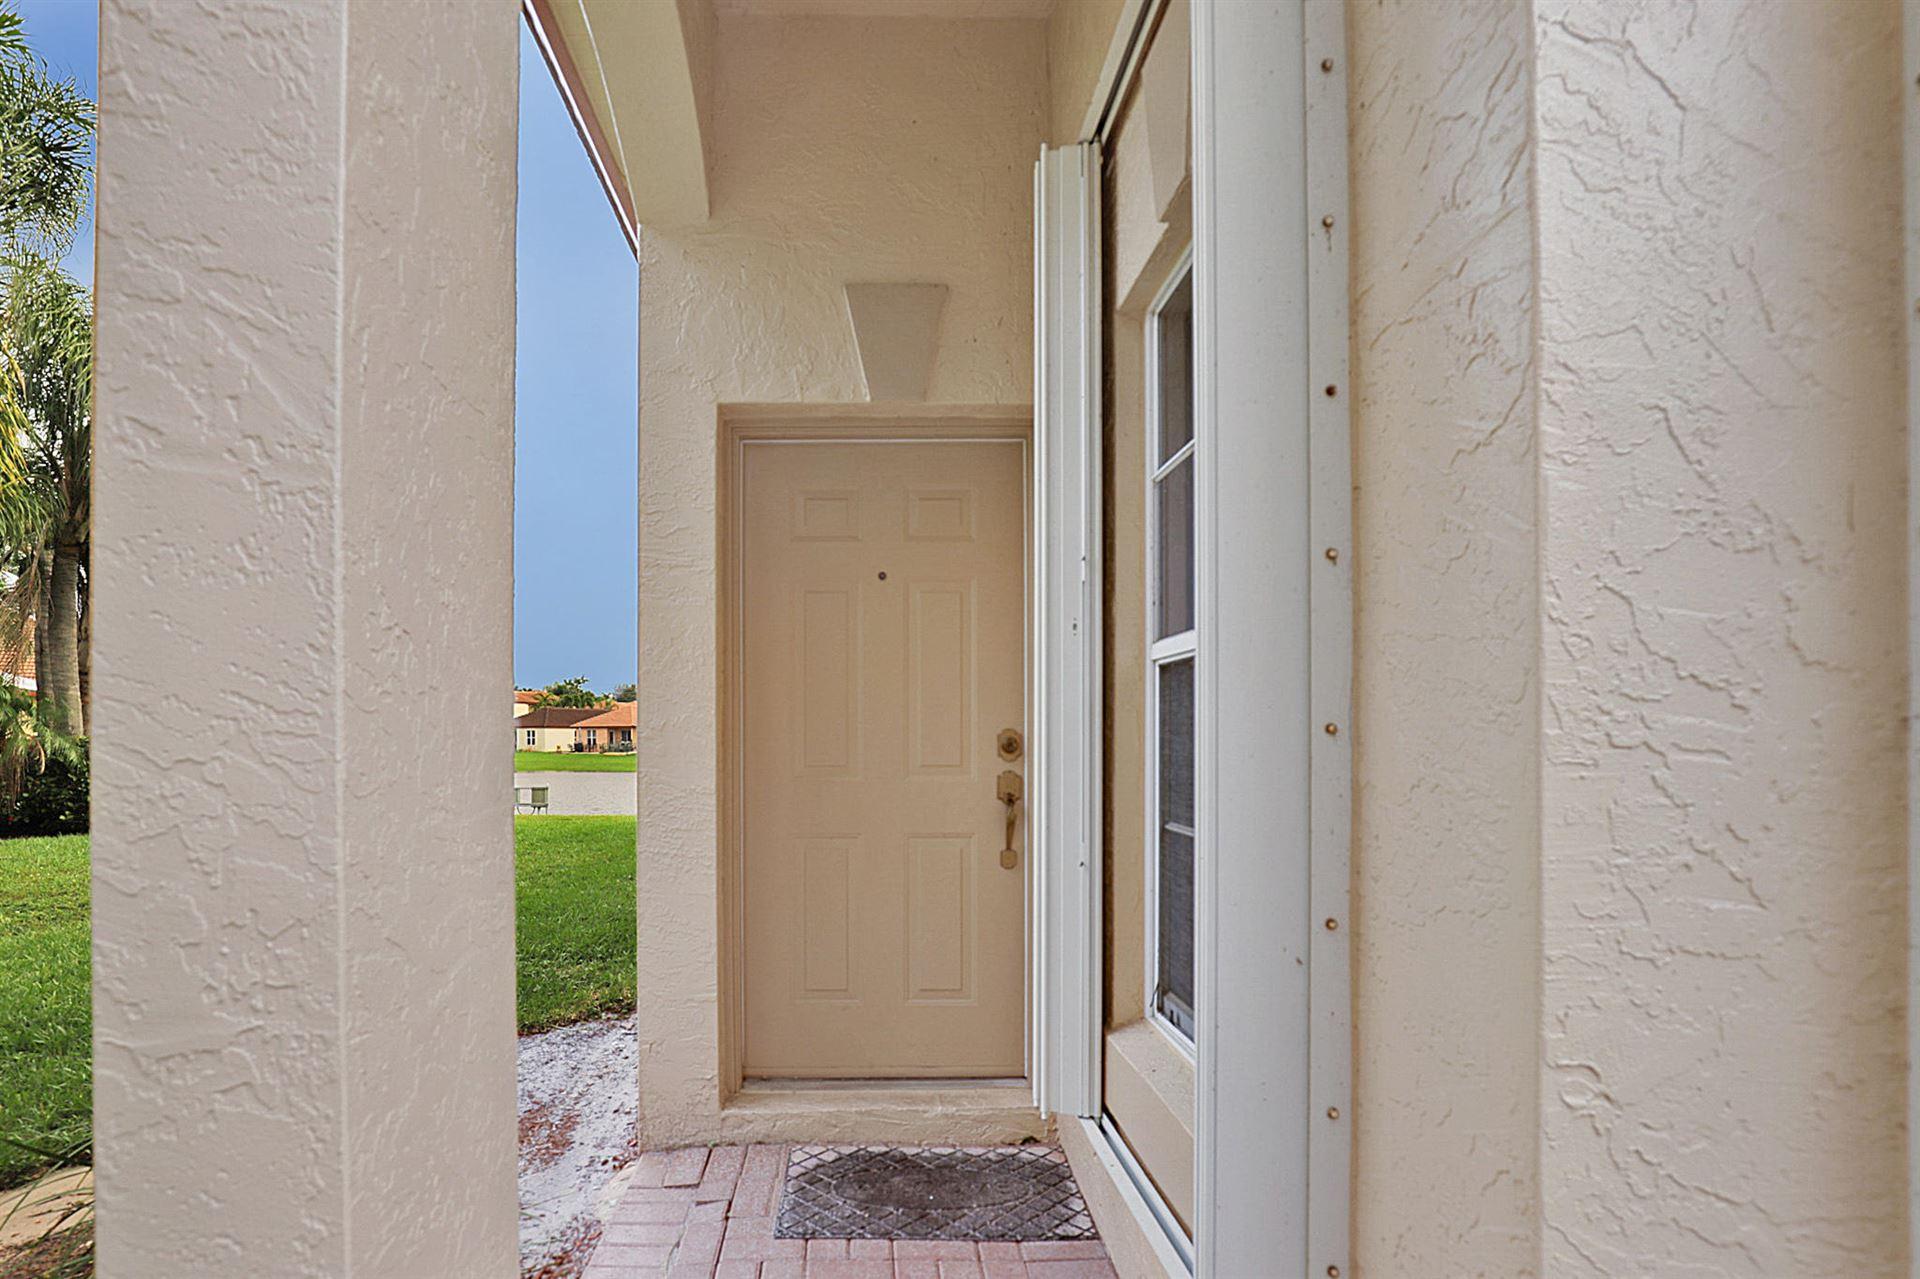 Photo of 1004 Via Jardin, Riviera Beach, FL 33418 (MLS # RX-10670542)